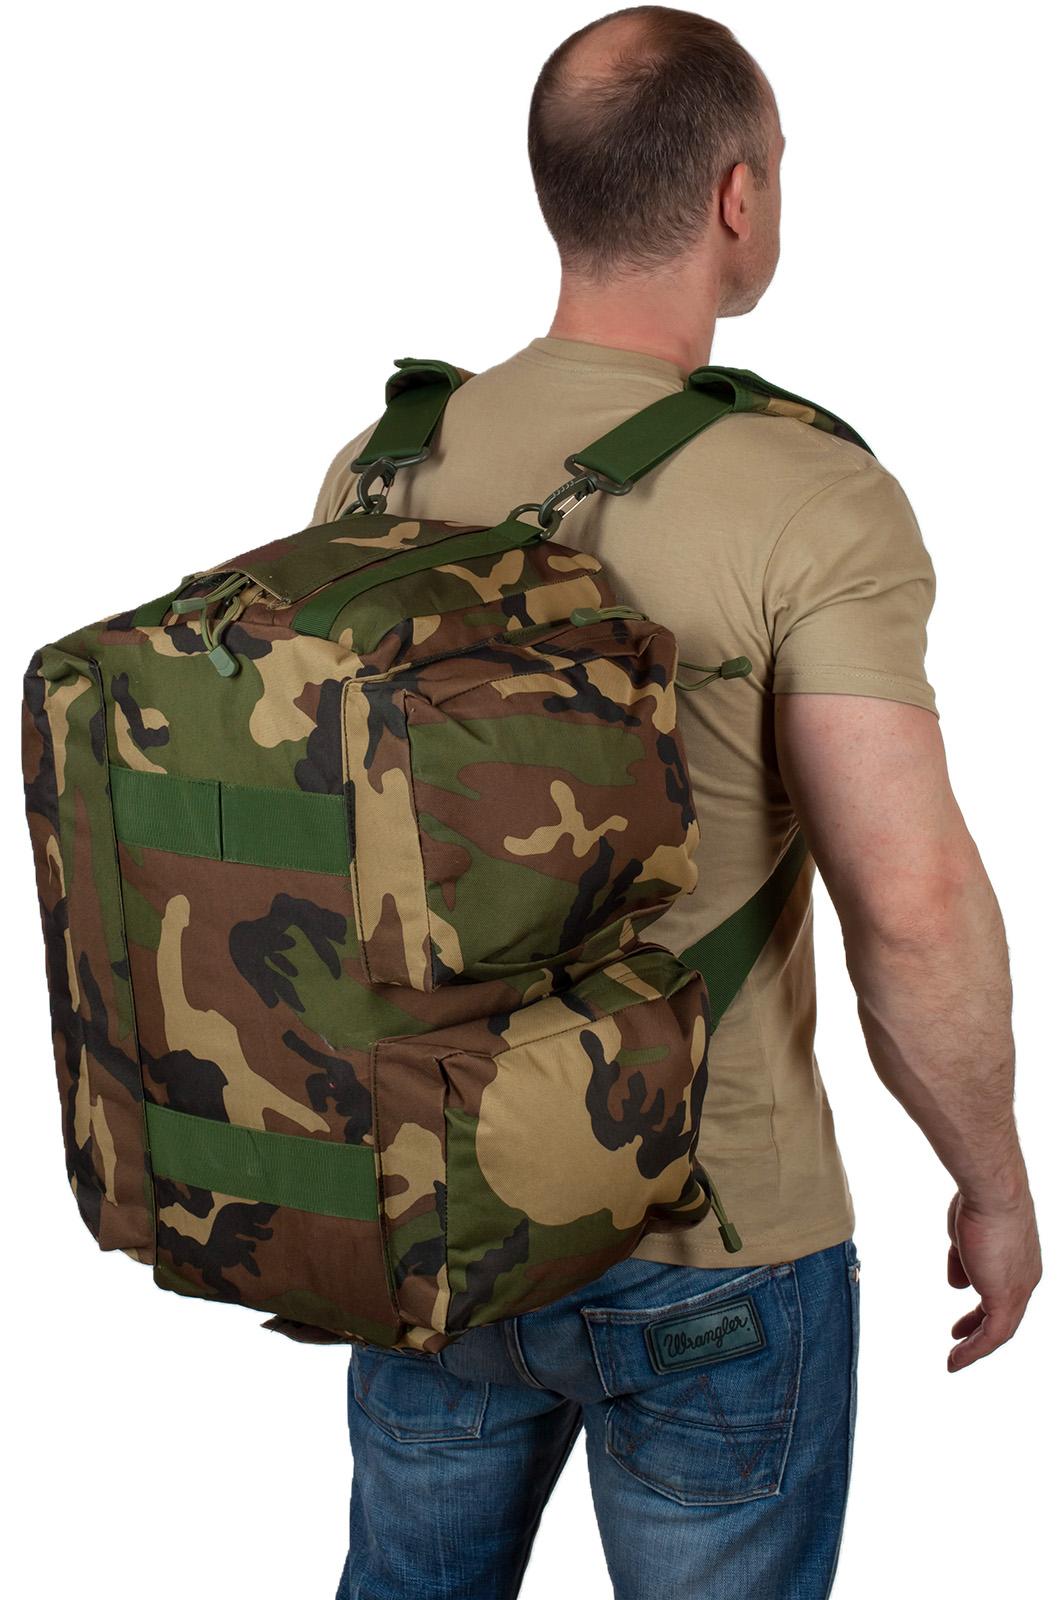 Заплечная дорожная сумка с нашивкой Ни пуха, Ни пера - купить оптом